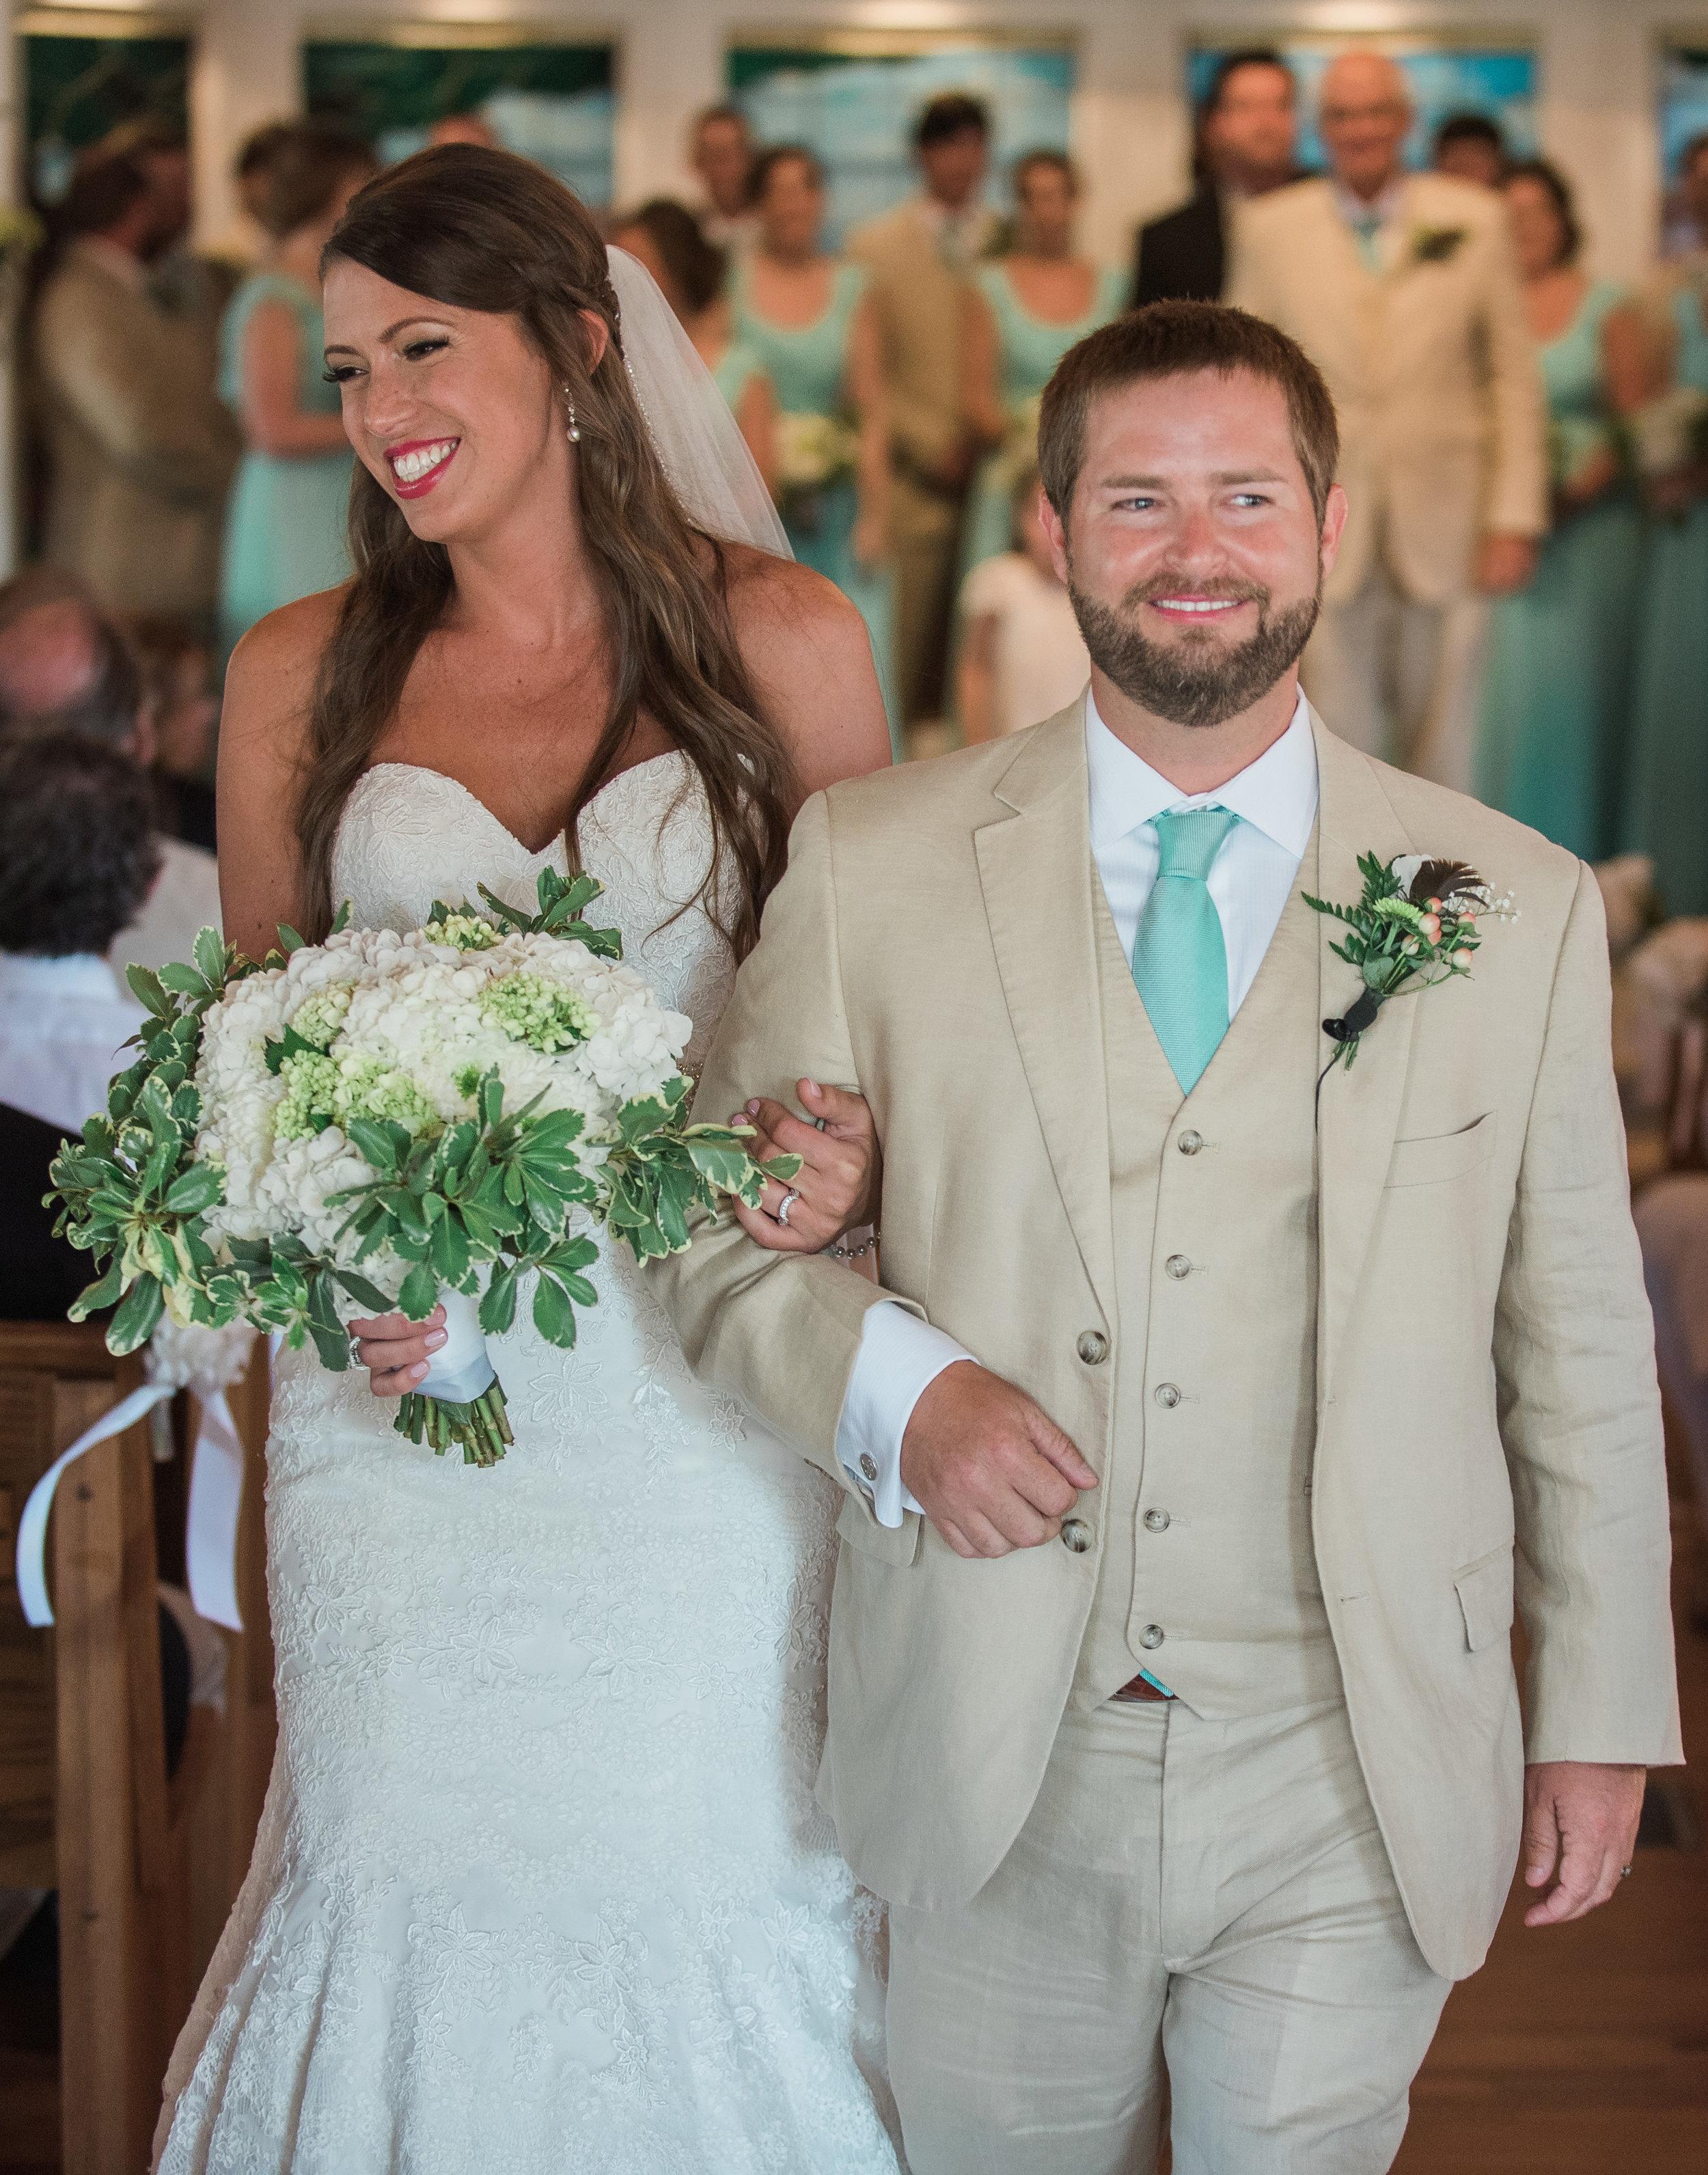 Alex-and-Joel-Pawelys-Plantation-Golf-and-Country-Club-Wedding-210.jpg